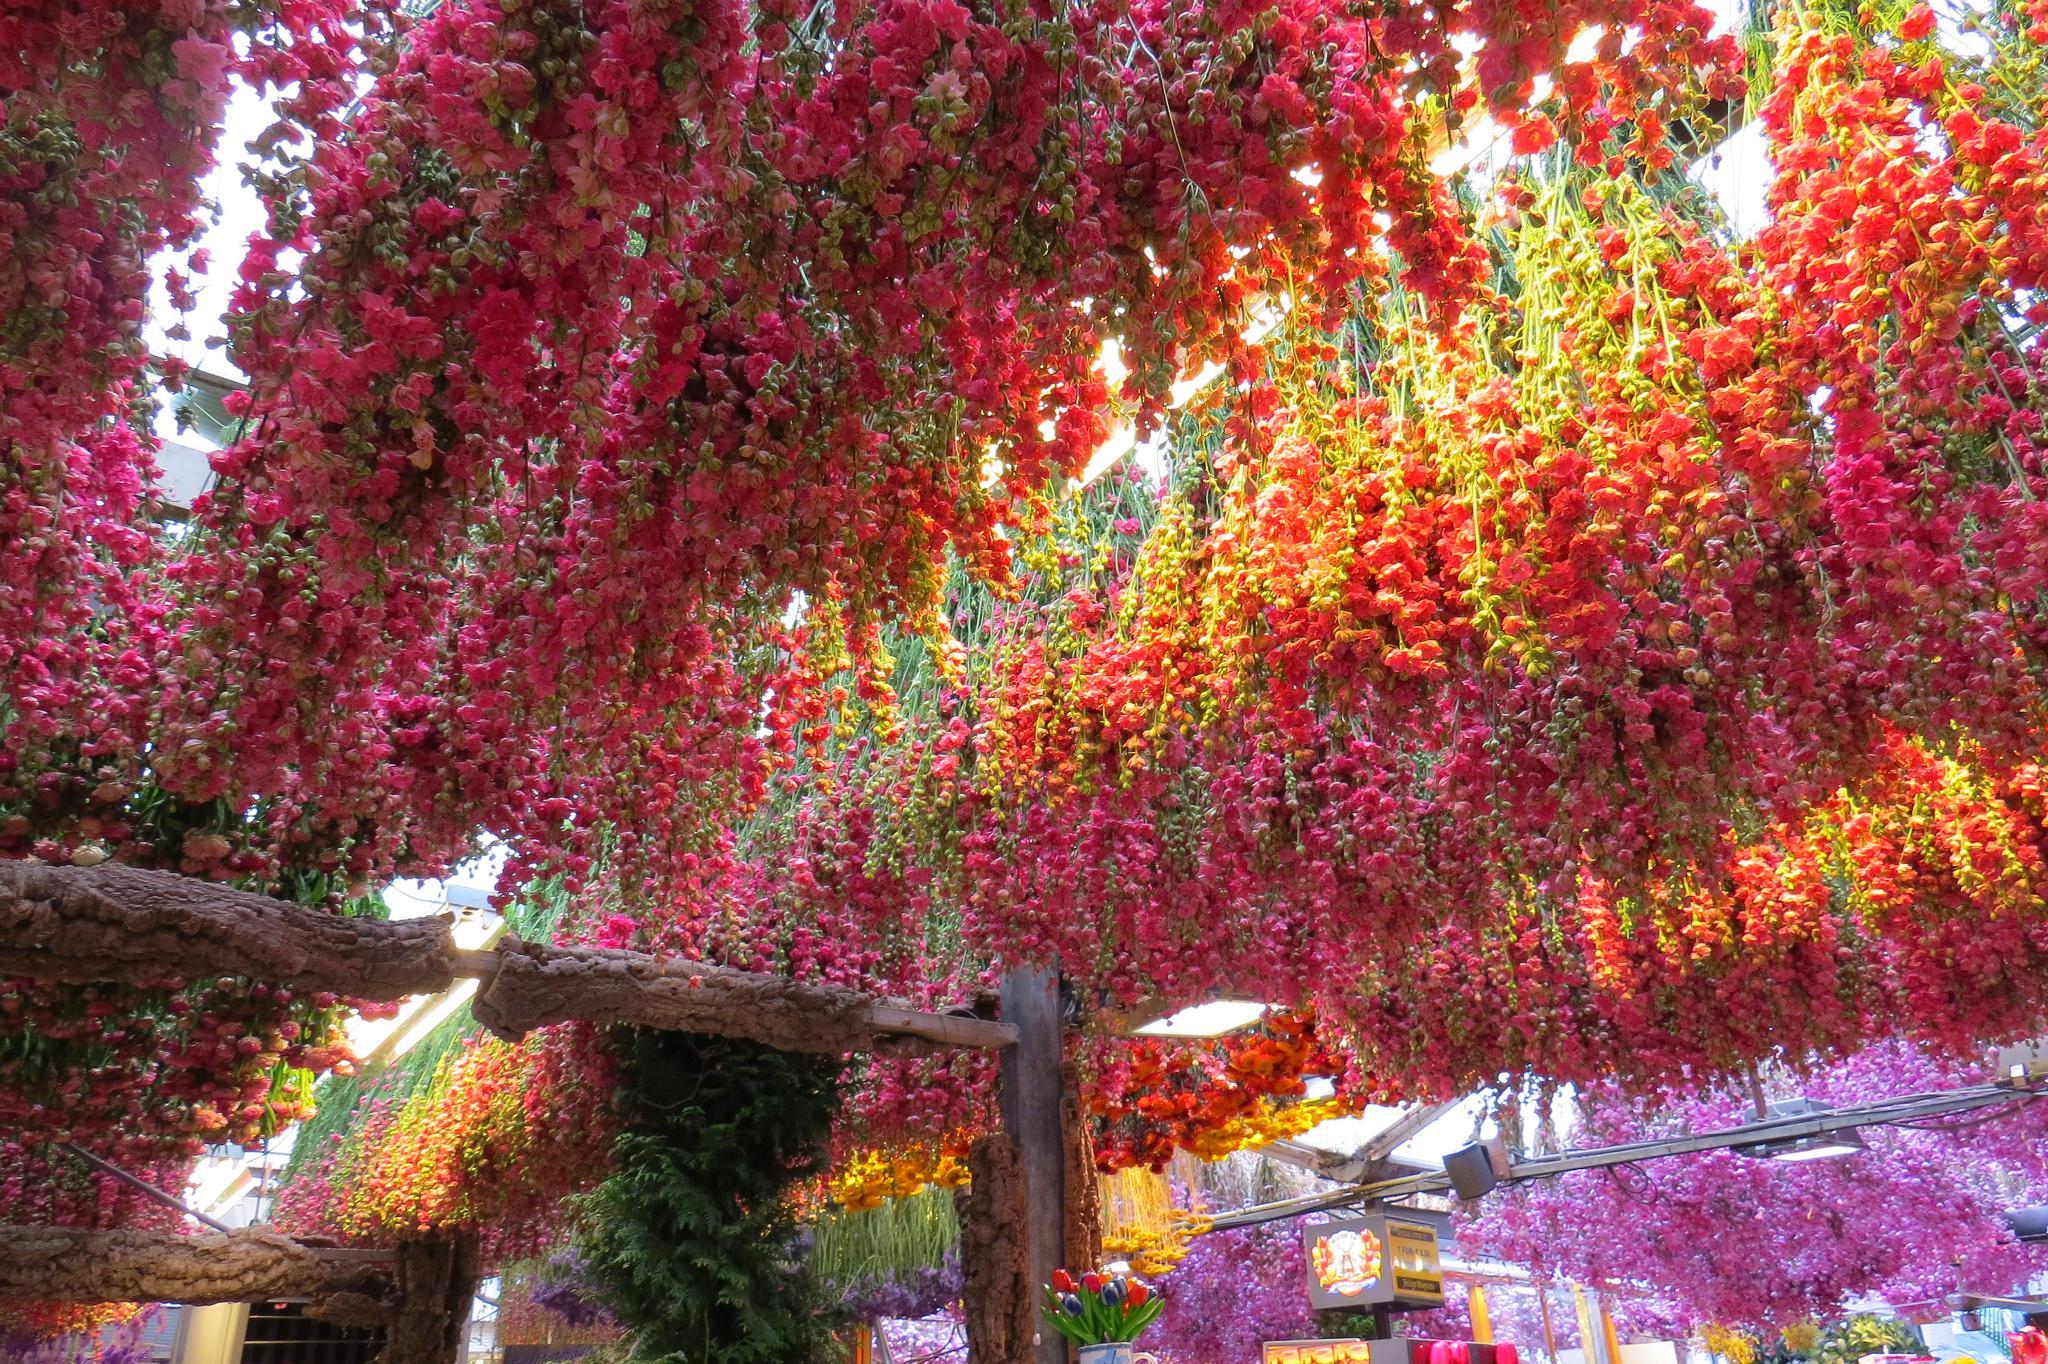 targ kwiatowy w Amsterdamie kwiaty